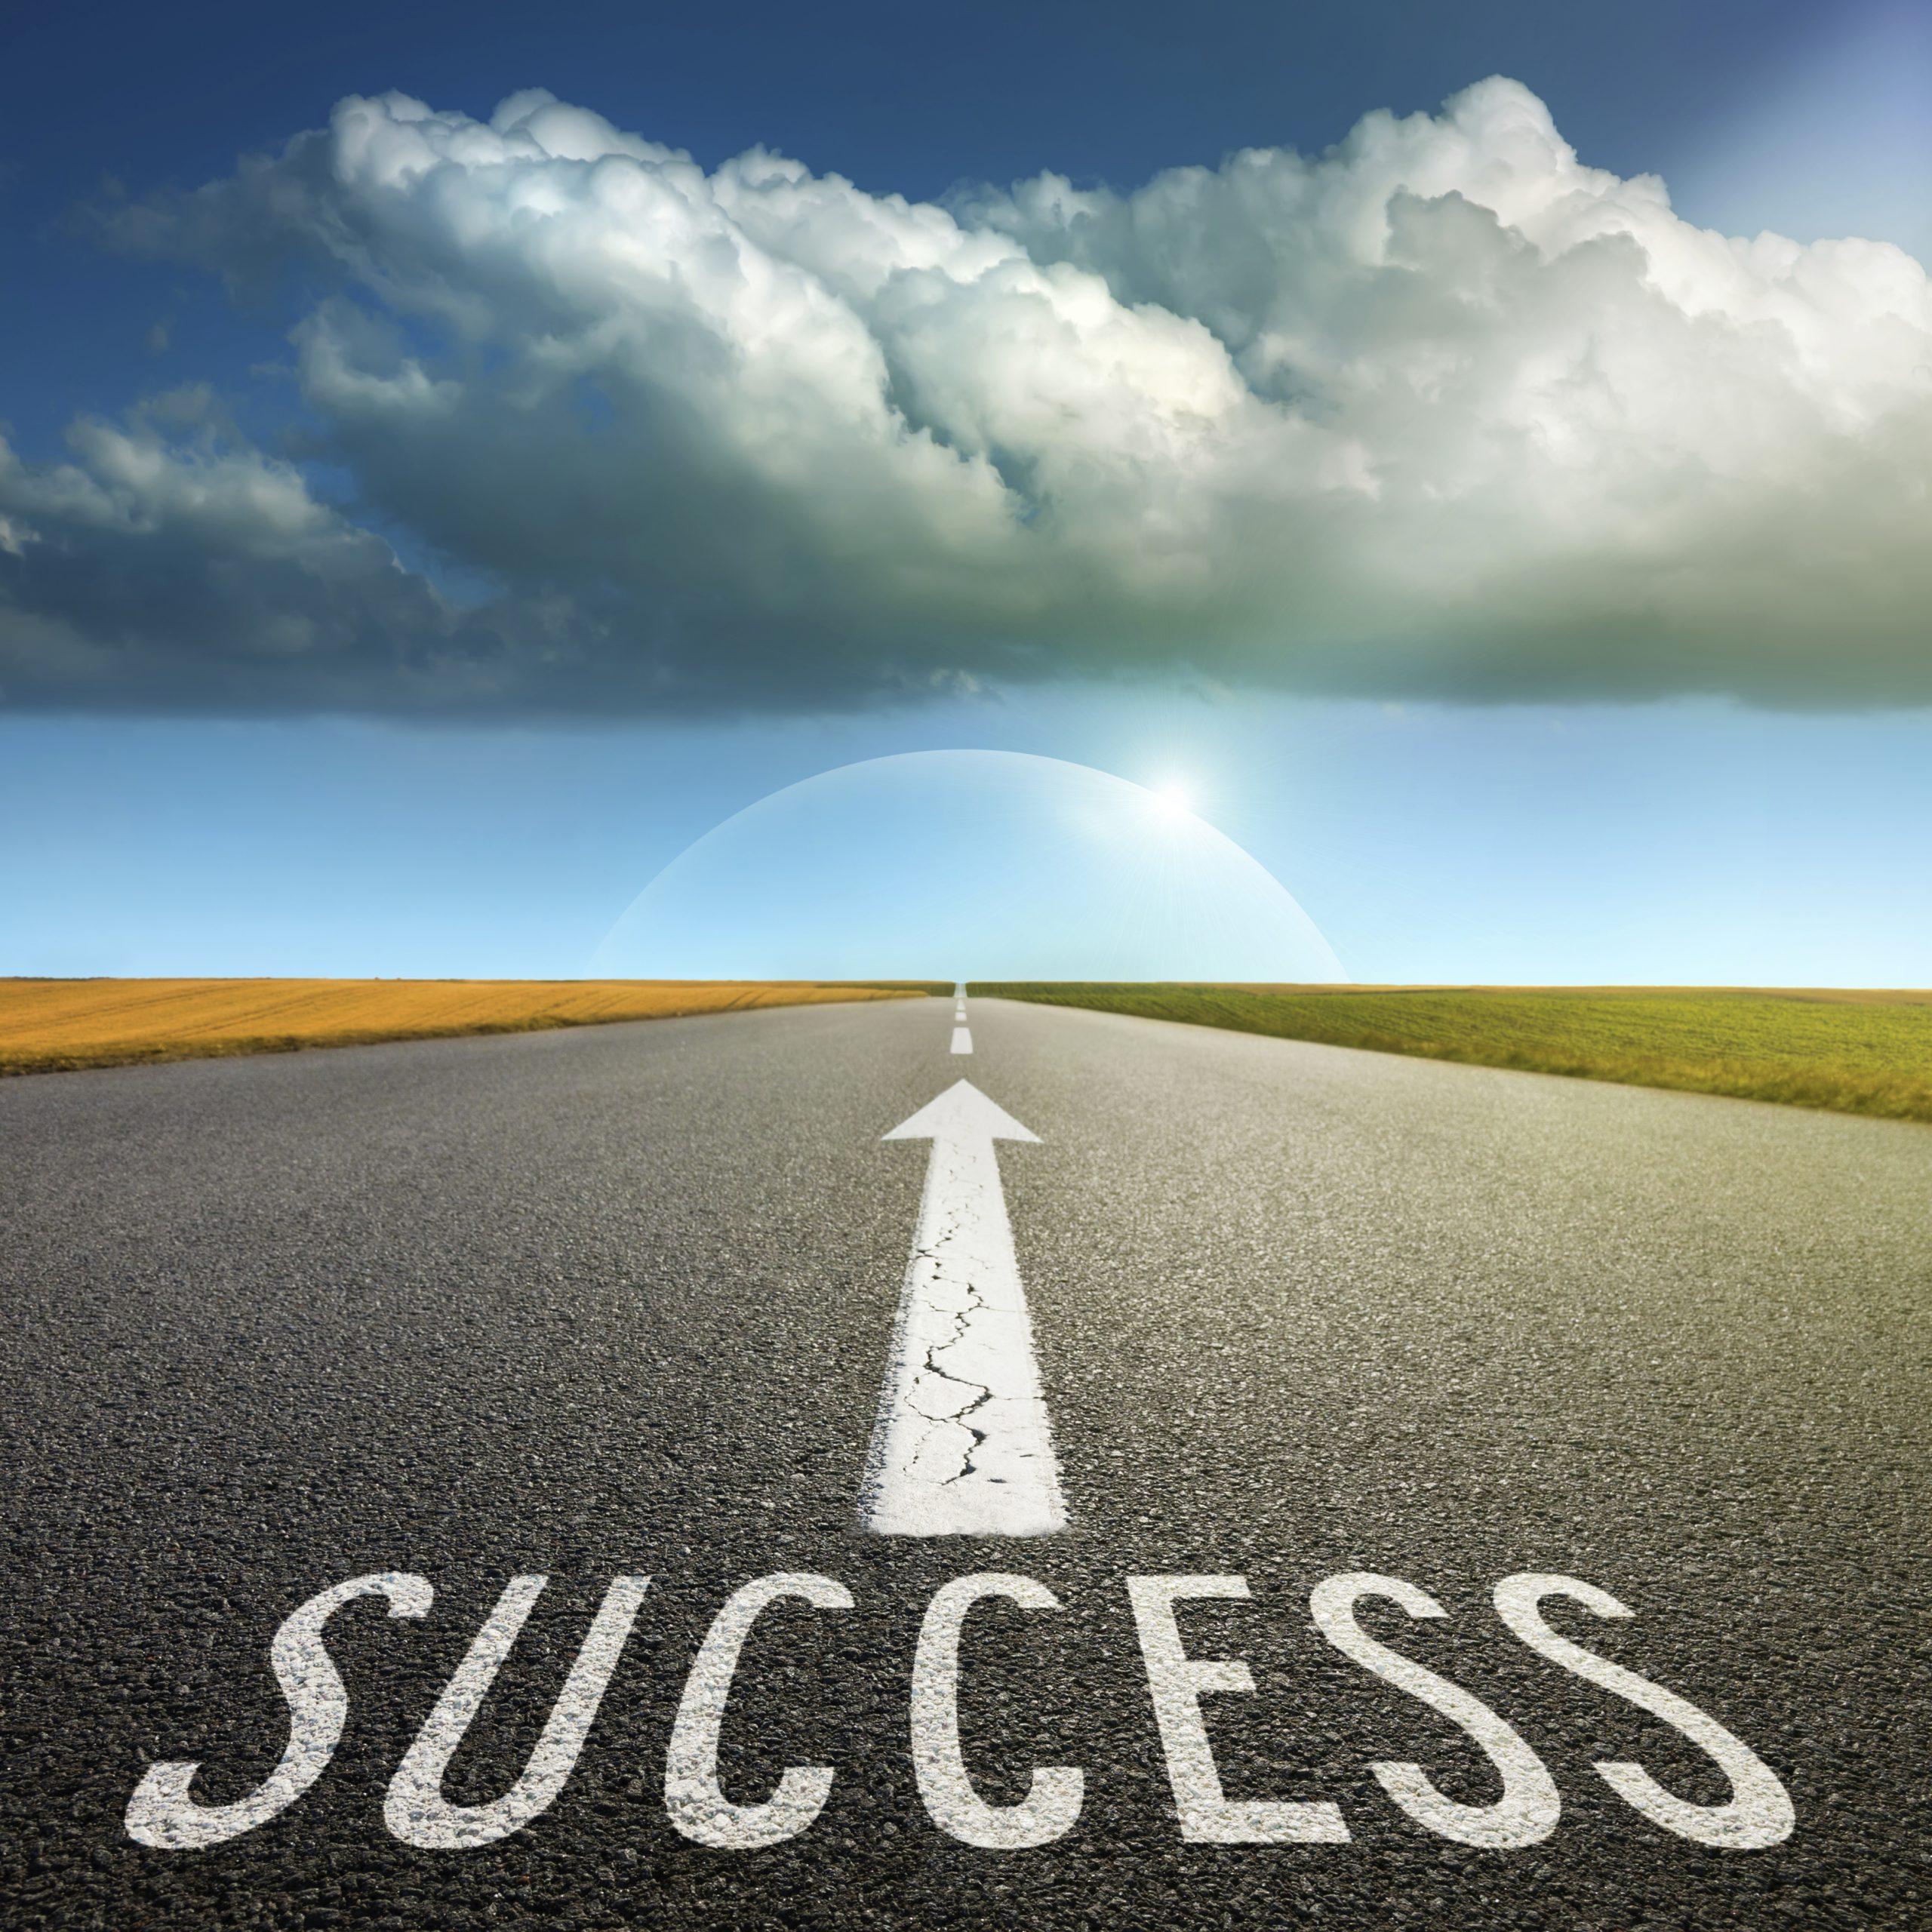 النجاح في الحياة